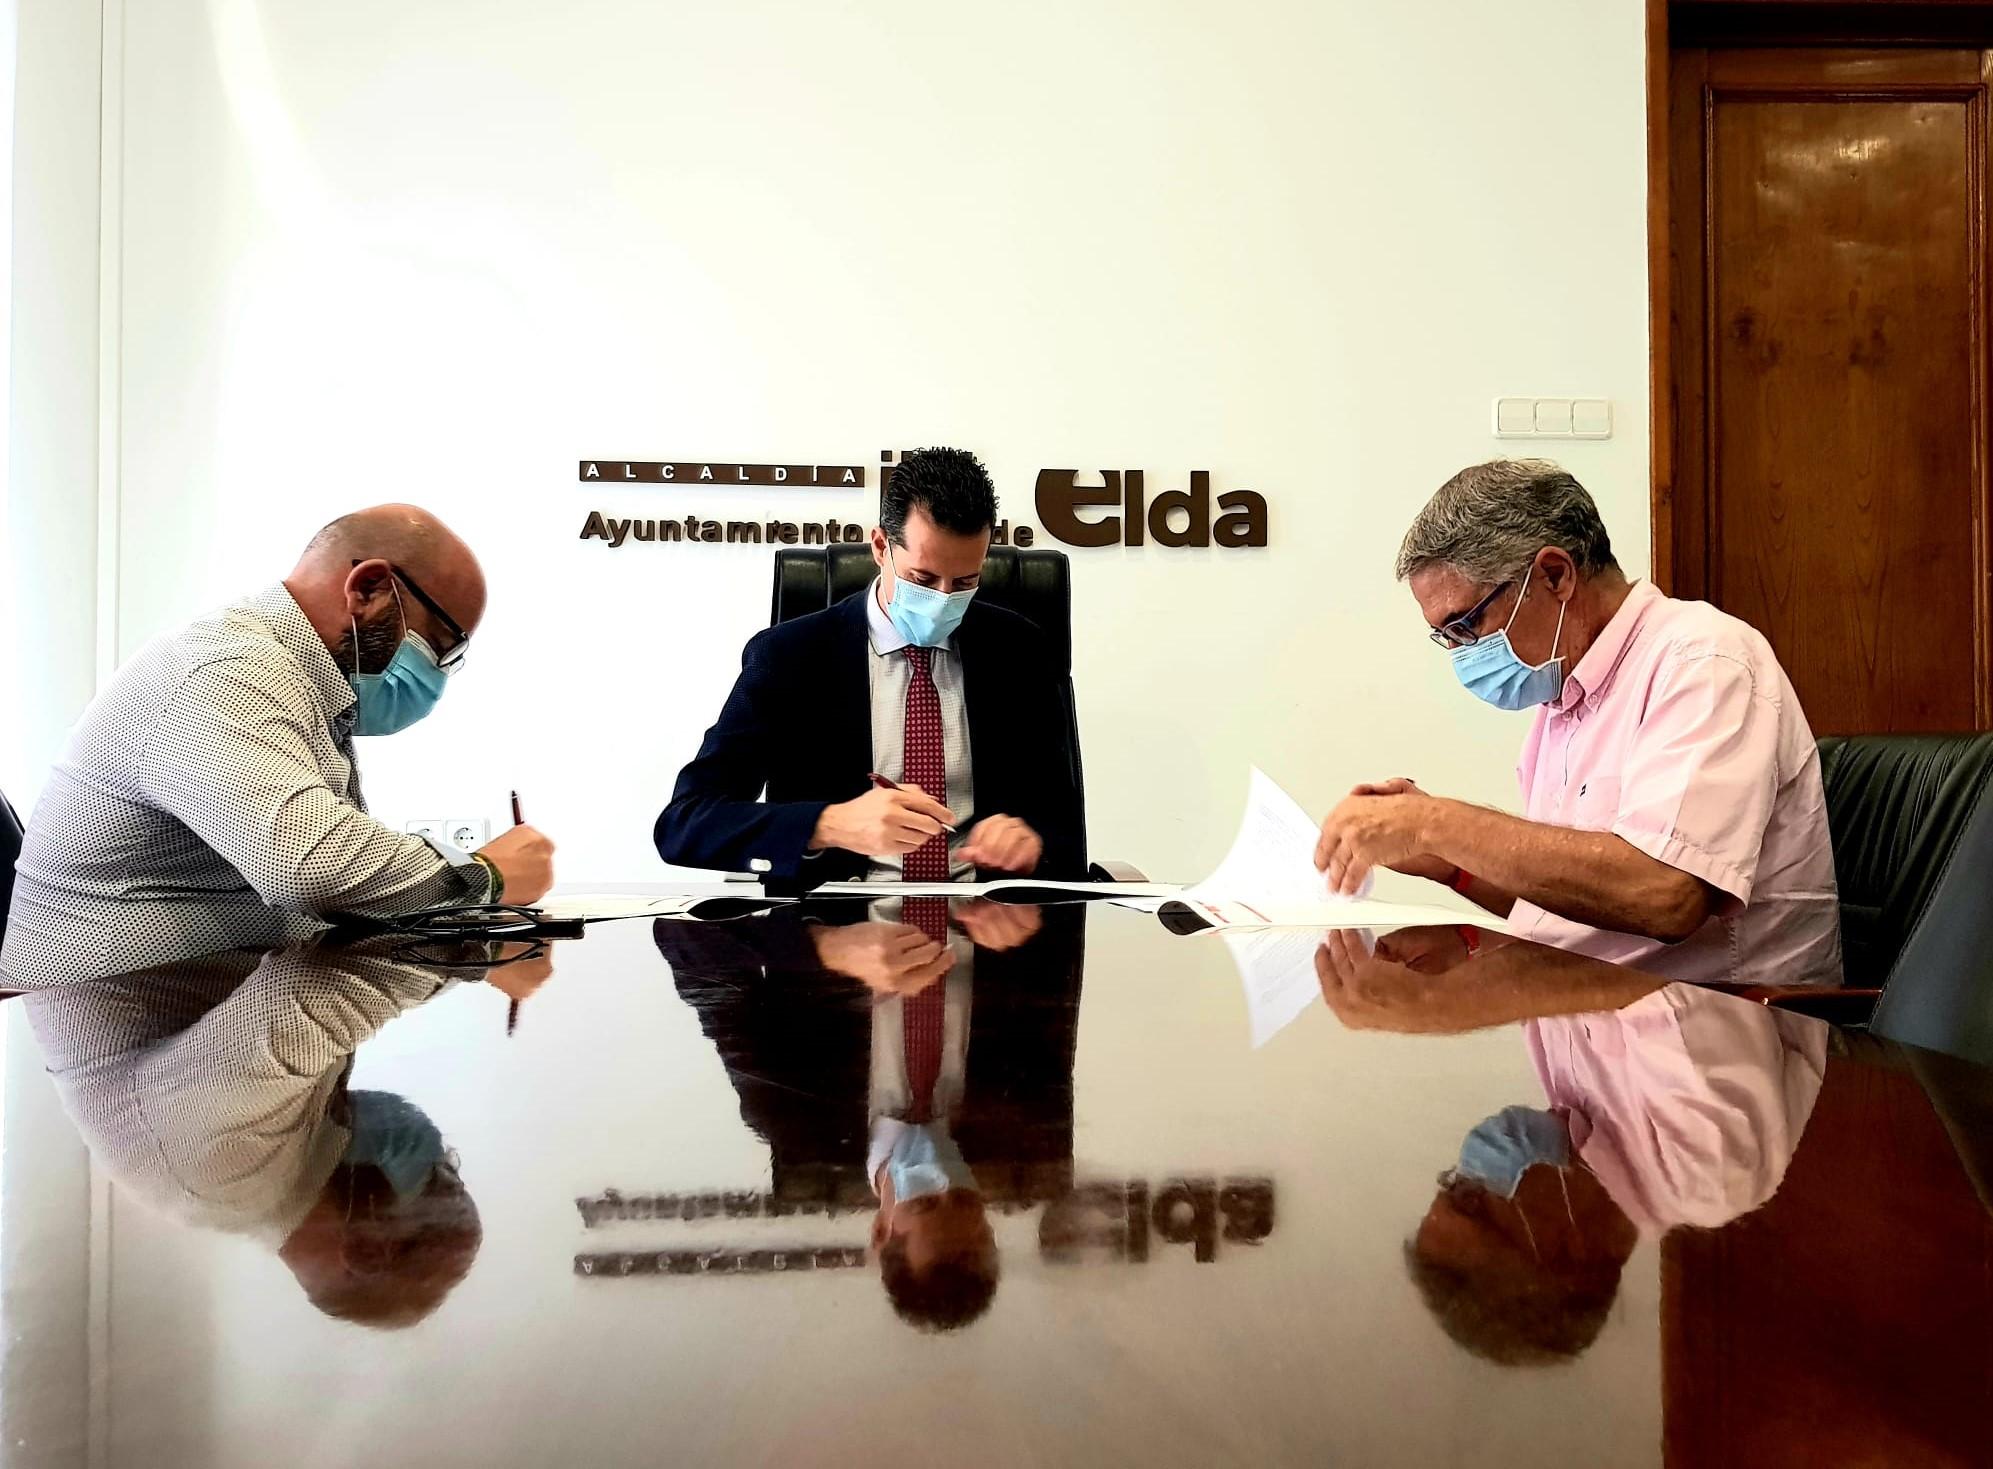 El Ayuntamiento de Elda firma el convenio de colaboración con el C.D. Eldense que incluye una subvención de 50.000 euros